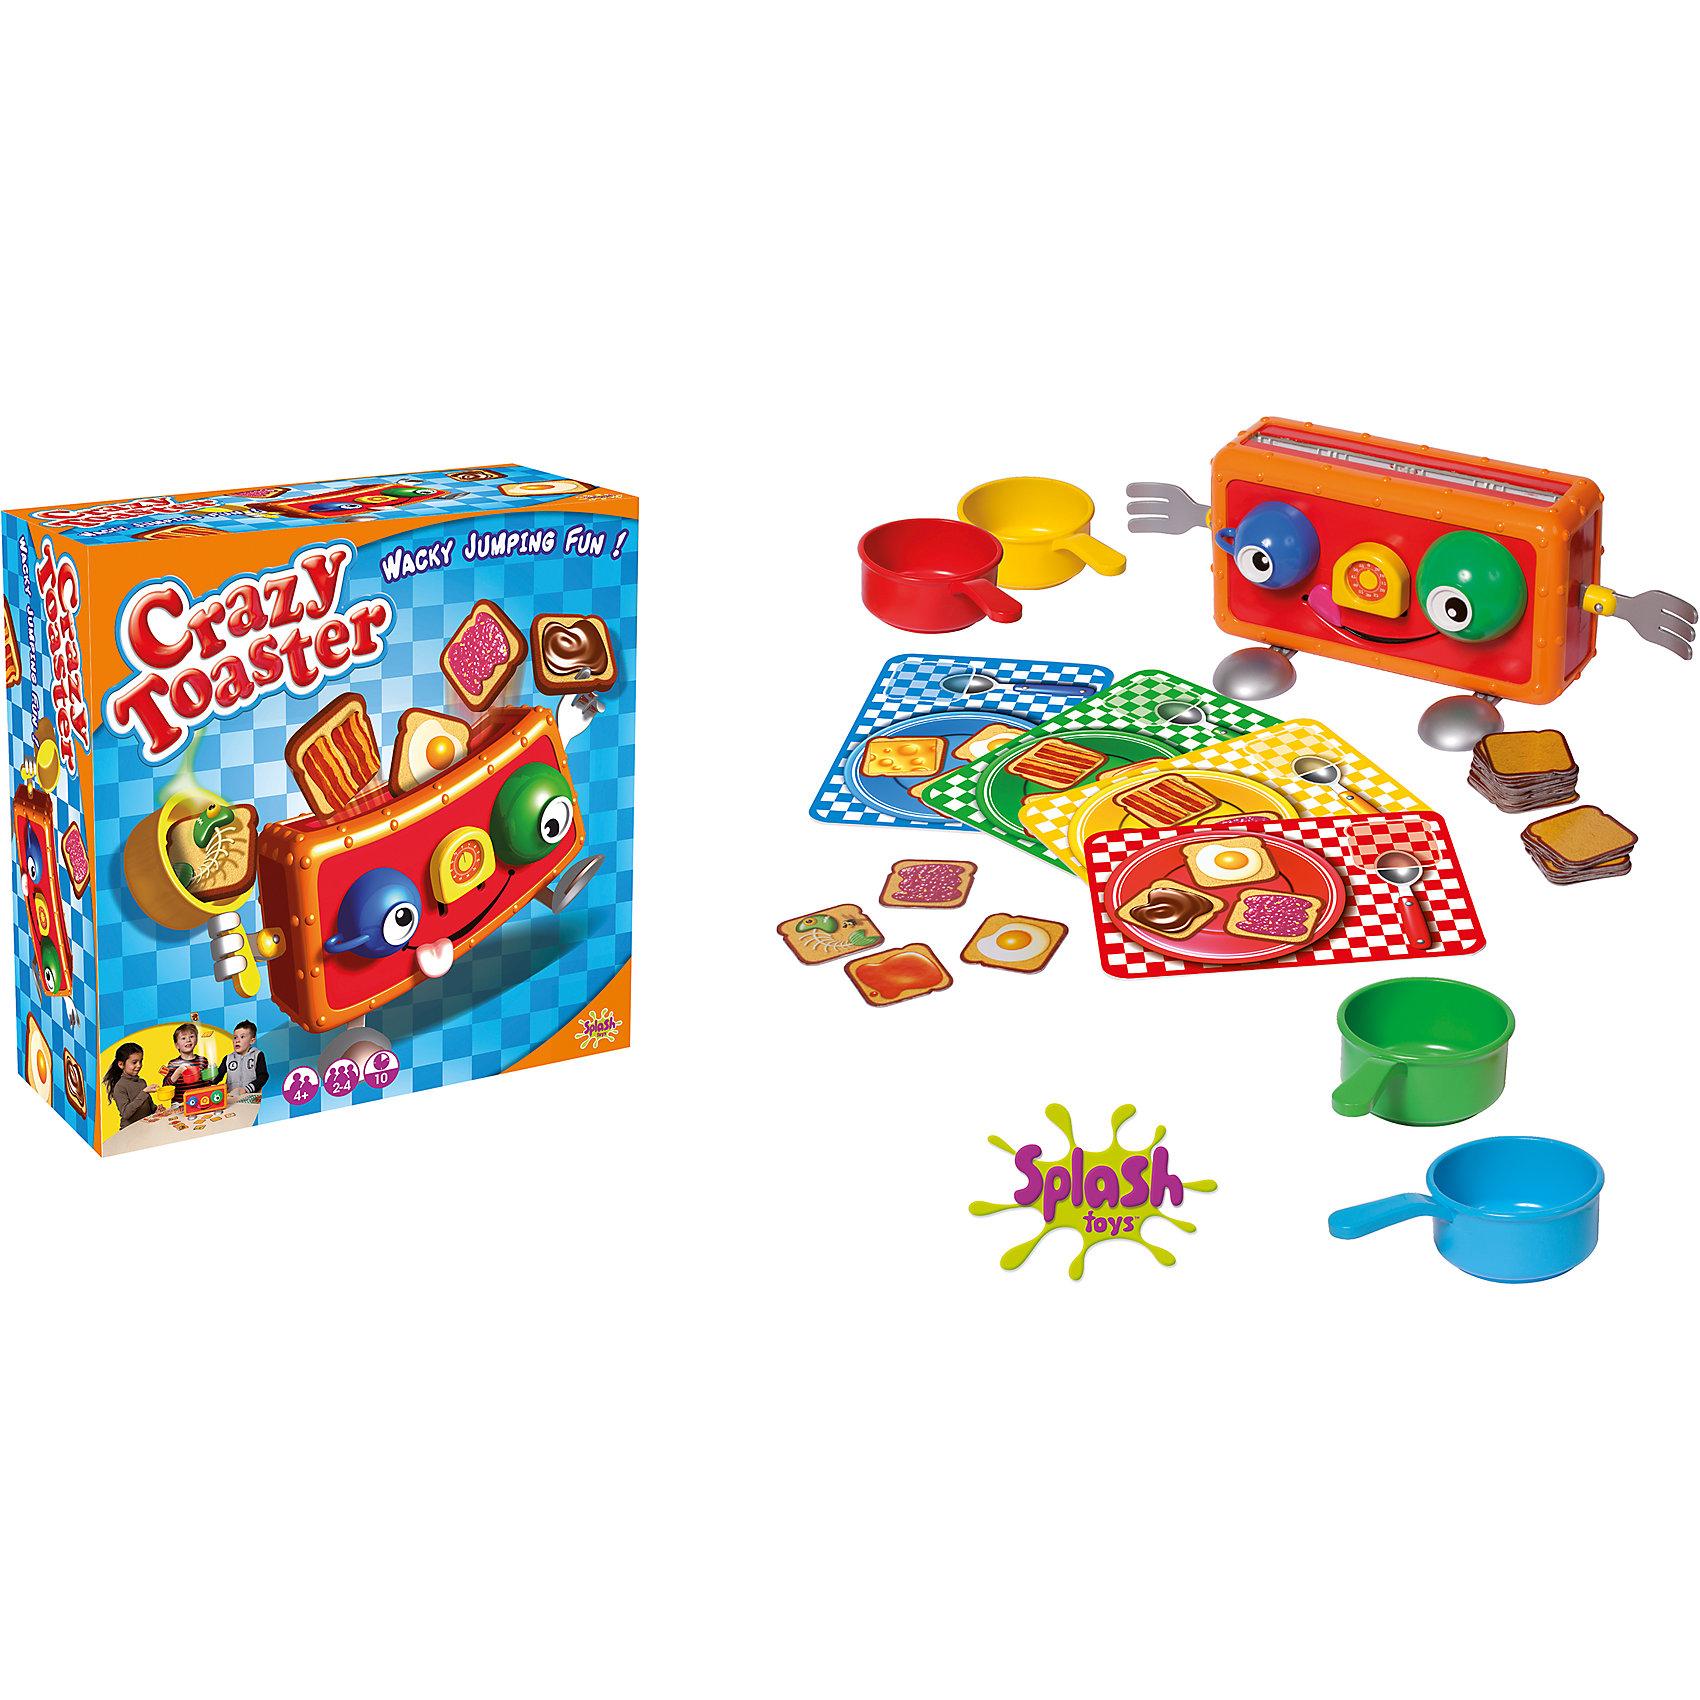 Игра Веселый тостер, Splash ToysХочешь полакомиться ароматными тостами?? Тогда попробуй поймать их! Суть игры состоит в том, чтобы ловить пластиковые тосты с помощью кастрюльки. Хитрые тосты выскакивают, когда им вздумается, не зевай и будь начеку. Все детали набора выполнены из высококачественных материалов, безопасны для детей. Веселая игра надолго увлечет ребенка и поможет развить ему внимание и скорость реакции.<br><br>Дополнительная информация:<br><br>- Материал: пластик.<br>- Размер: 27х12х27 см.<br>- Комплектация: - 1 тостер, состоит из: 1 корпус, 2 ложки-ножки, 2 вилки-ручки, 2 чашки-глазка, 1 лист со стикерами, 40 ломтиков хлеба: 6 с шоколадом, 6 с мёдом, 6 с сыром, 6 с вареньем, 6 с яйцом, 6 с беконом, 4 с испорченной рыбой, 4 столовых комплекта 4-х цветов, 4 кастрюльки, чтобы ловить тосты.<br><br>Игру Веселый тостер, Splash Toys, можно купить в нашем магазине.<br><br>Ширина мм: 270<br>Глубина мм: 120<br>Высота мм: 265<br>Вес г: 950<br>Возраст от месяцев: 36<br>Возраст до месяцев: 168<br>Пол: Унисекс<br>Возраст: Детский<br>SKU: 4377571